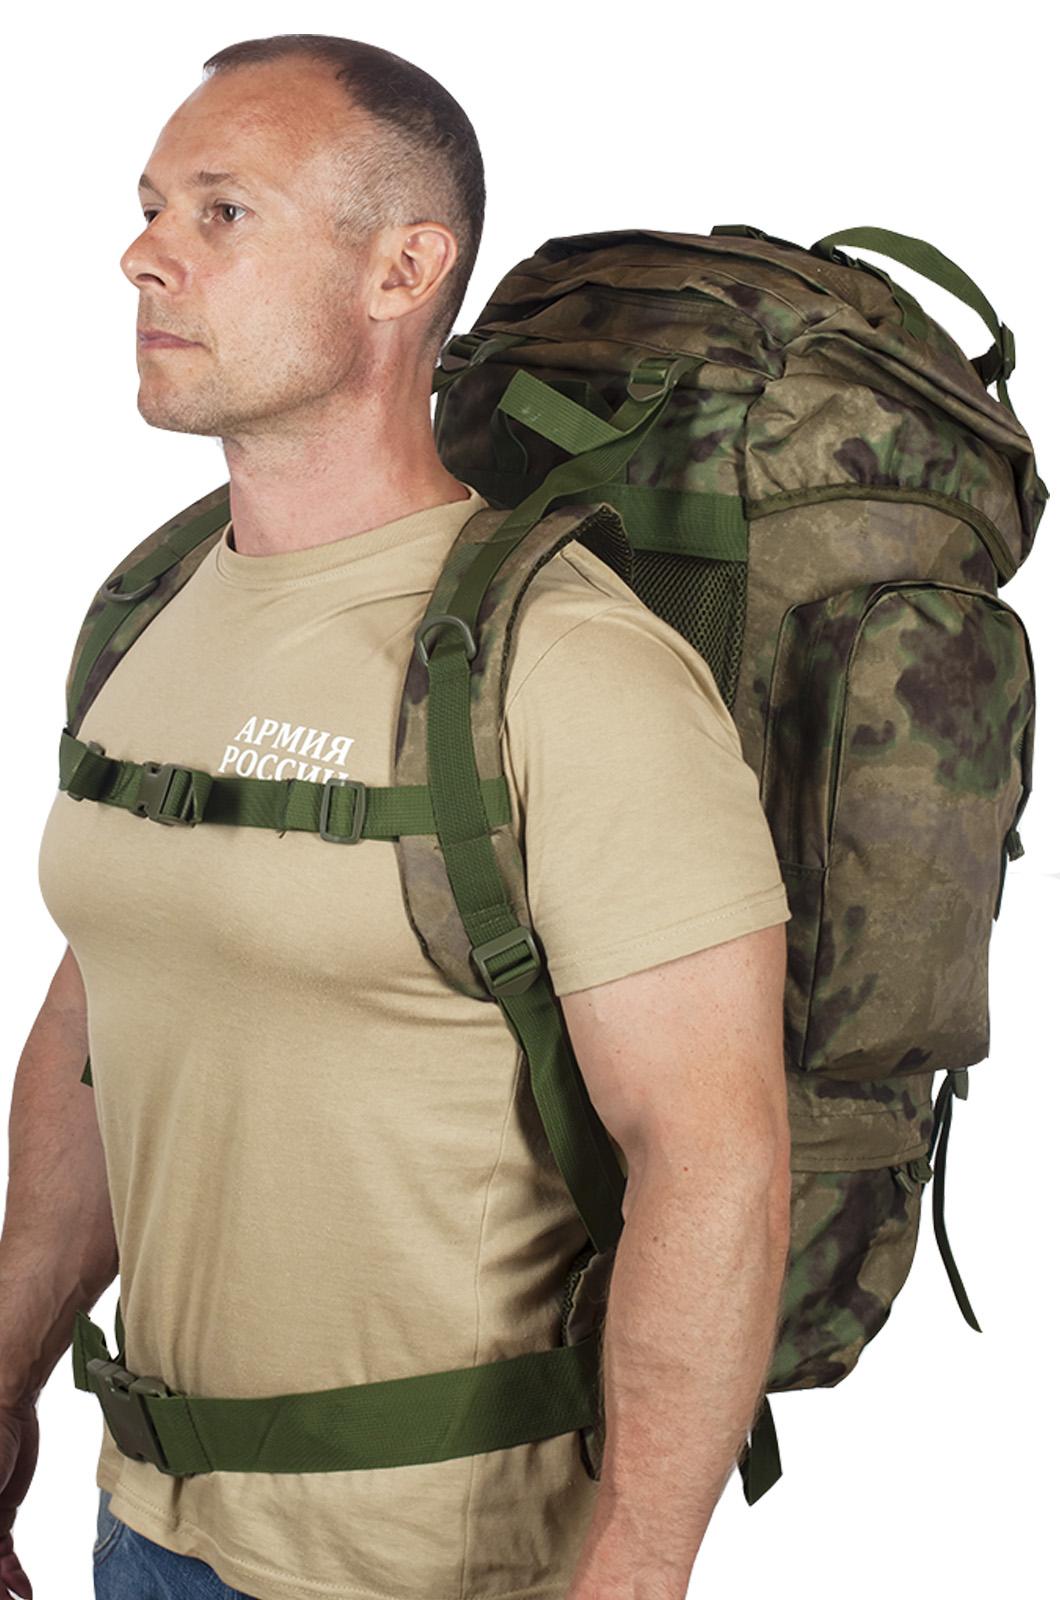 Тактический камуфляжный ранец-рюкзак УГРО - купить в подарок